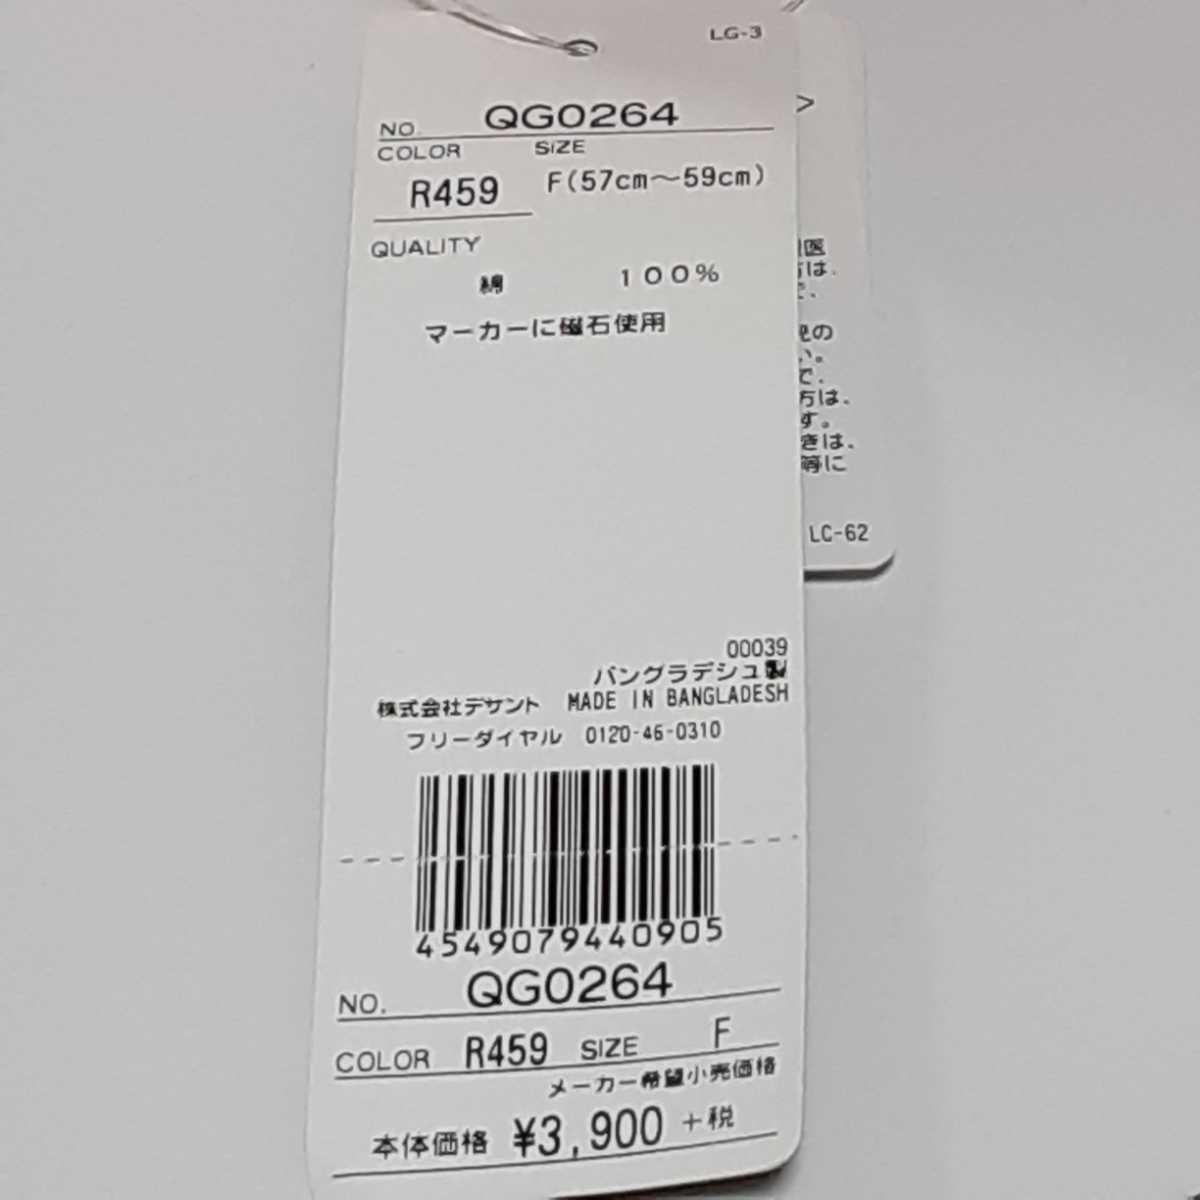 送料無料★ルコック スポルティフ(le coq sportif) ロゴキャップ★新品★マーカー付★57~59cm★07_画像4